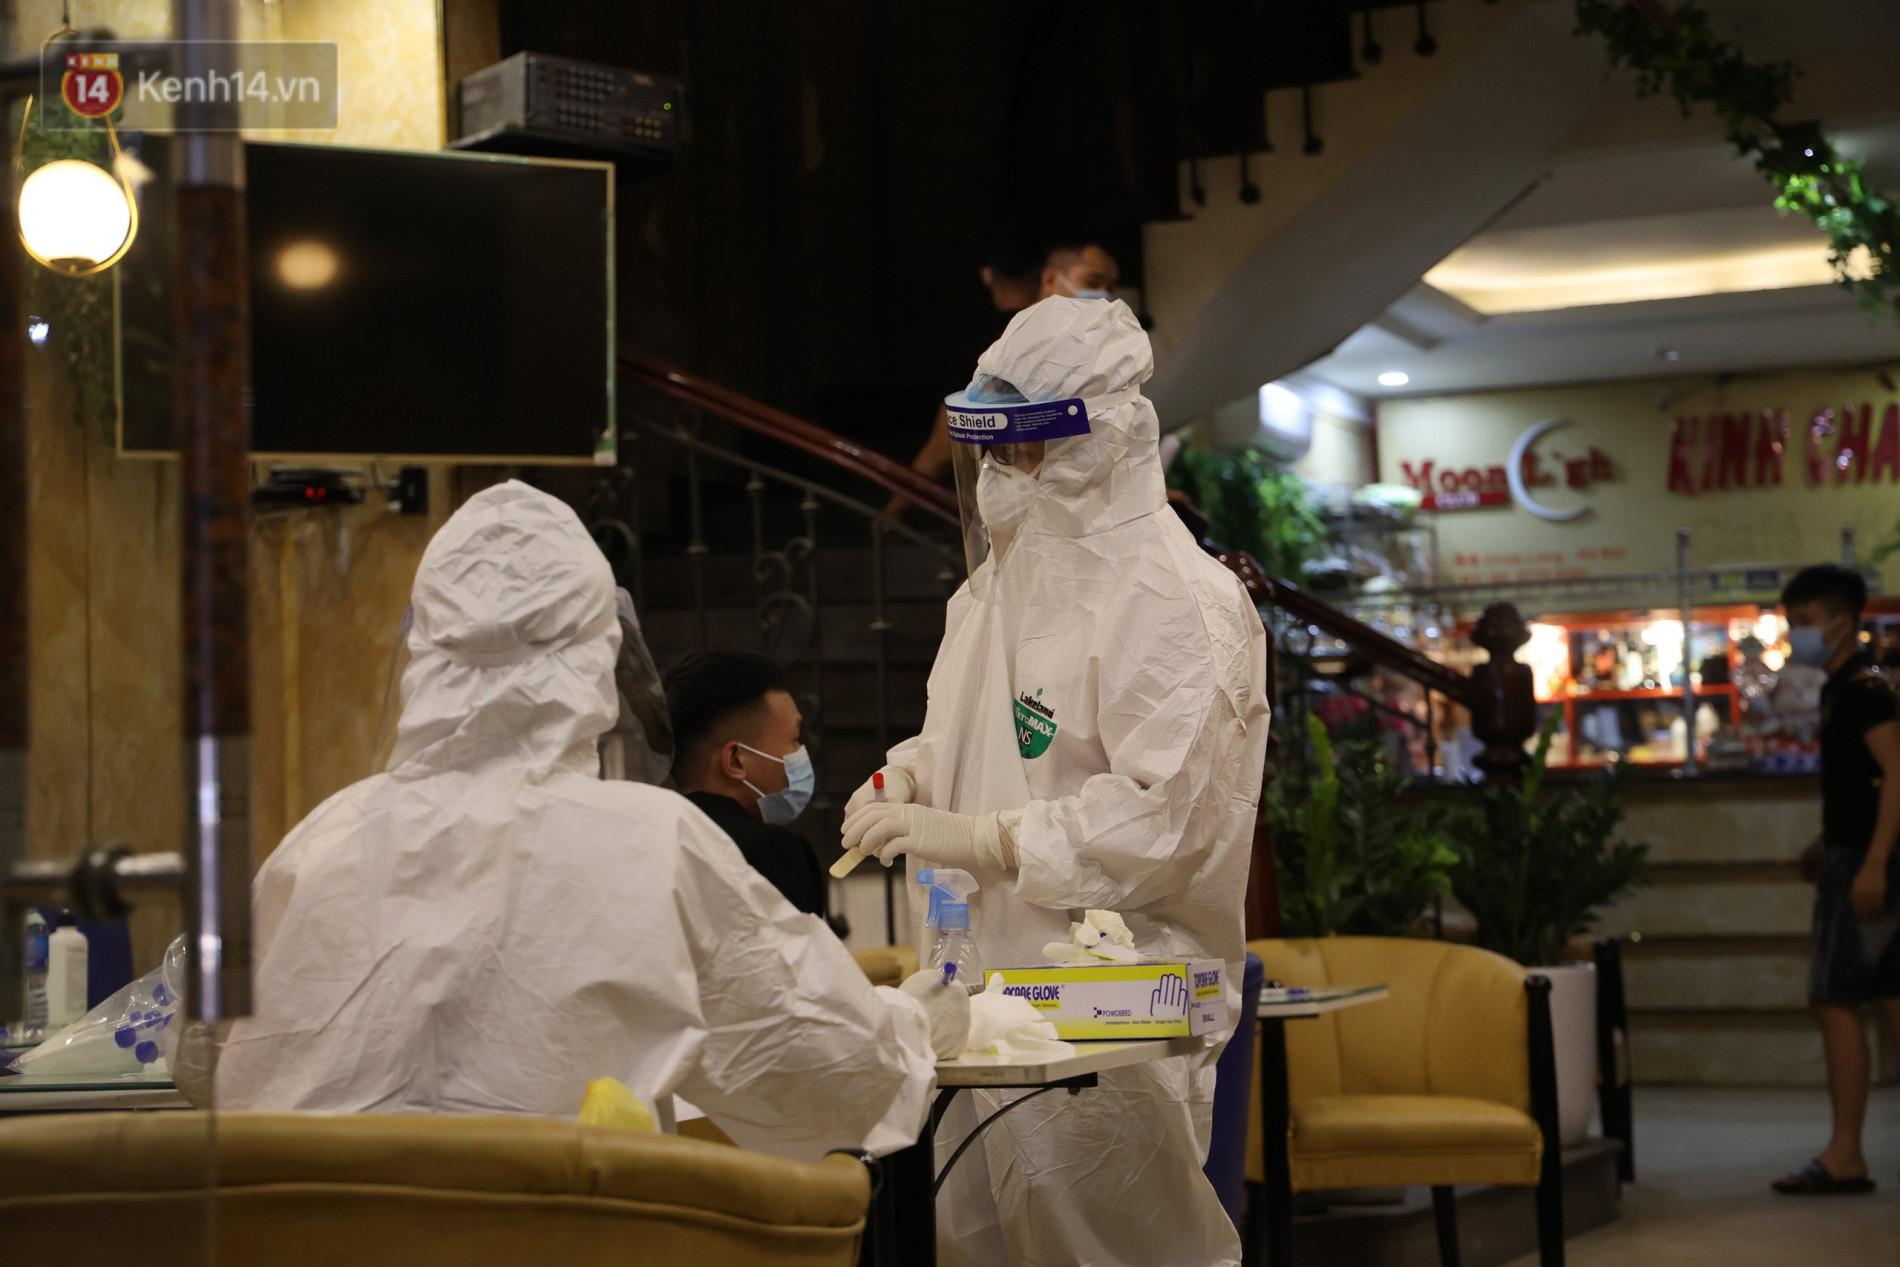 Ảnh: Lấy mẫu xét nghiệm nhân viên, phun khử khuẩn quán karaoke nơi nam bác sĩ dương tính với SARS-CoV-2 từng đến - Ảnh 6.